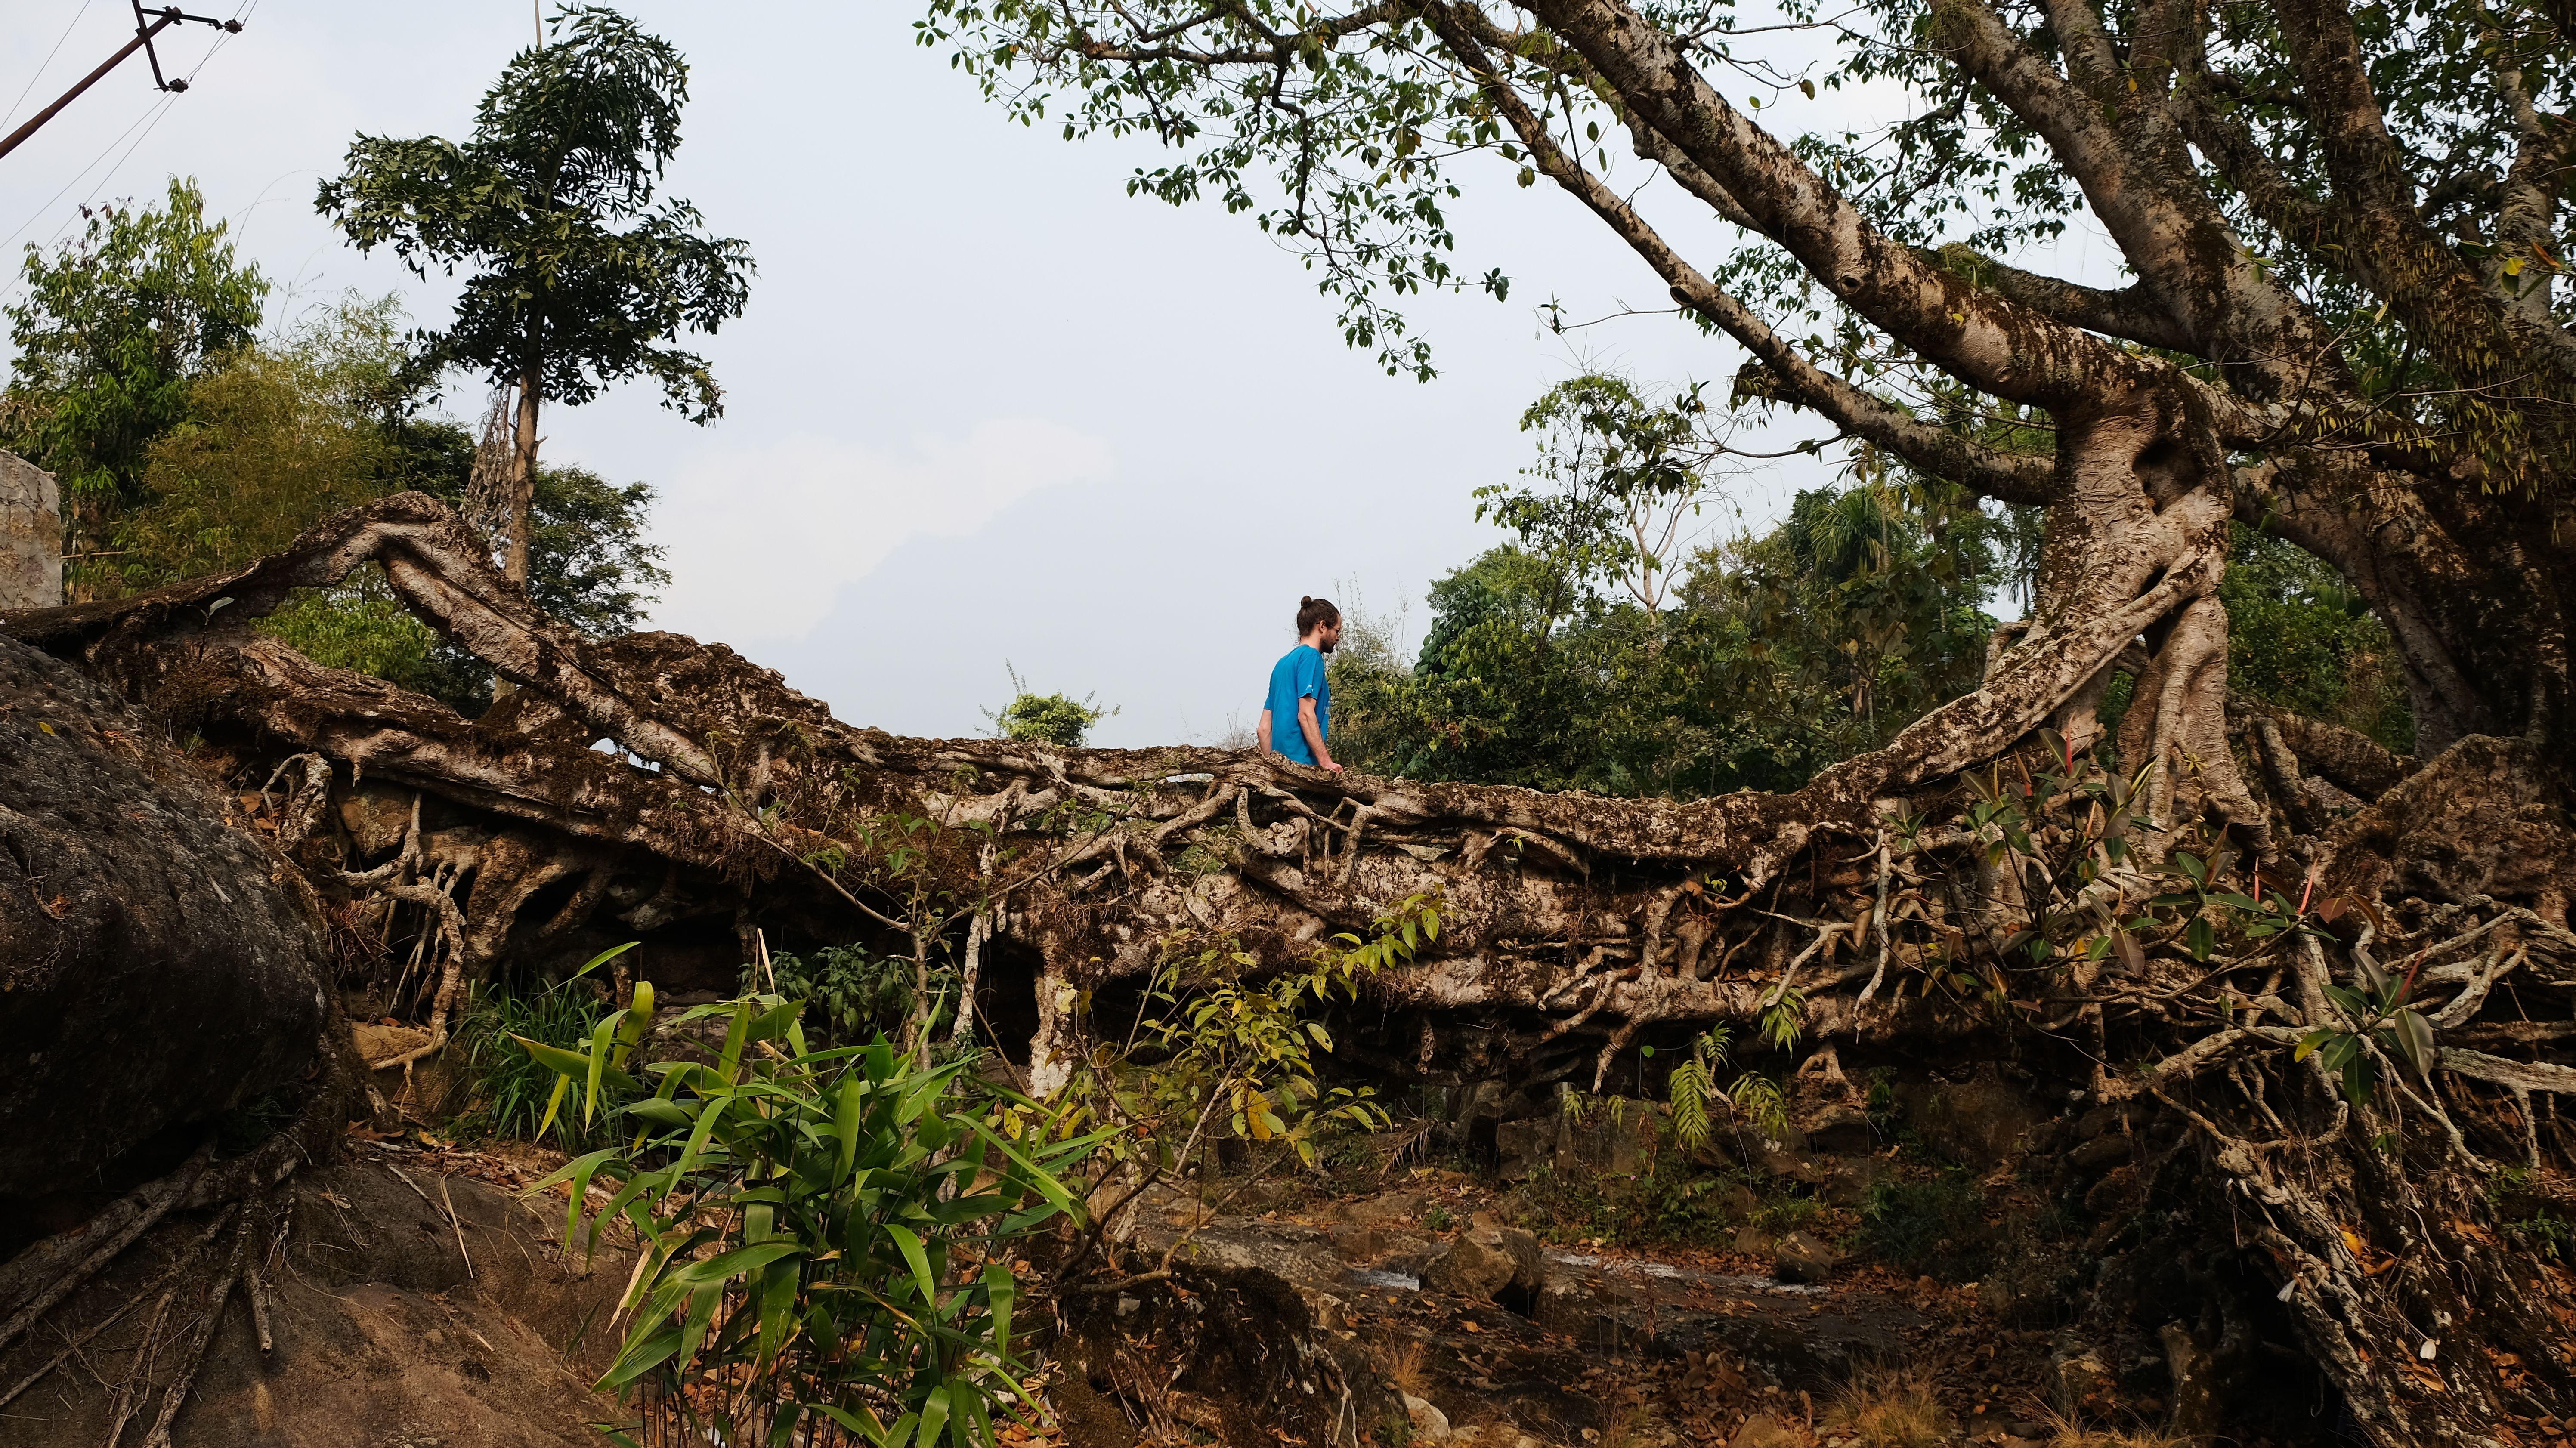 Meghalaya-Brücke in Indien: Brücken aus den verschlungenen Luftwurzeln des Gummibaums Ficus elastica sind mechanisch äußerst stabil.